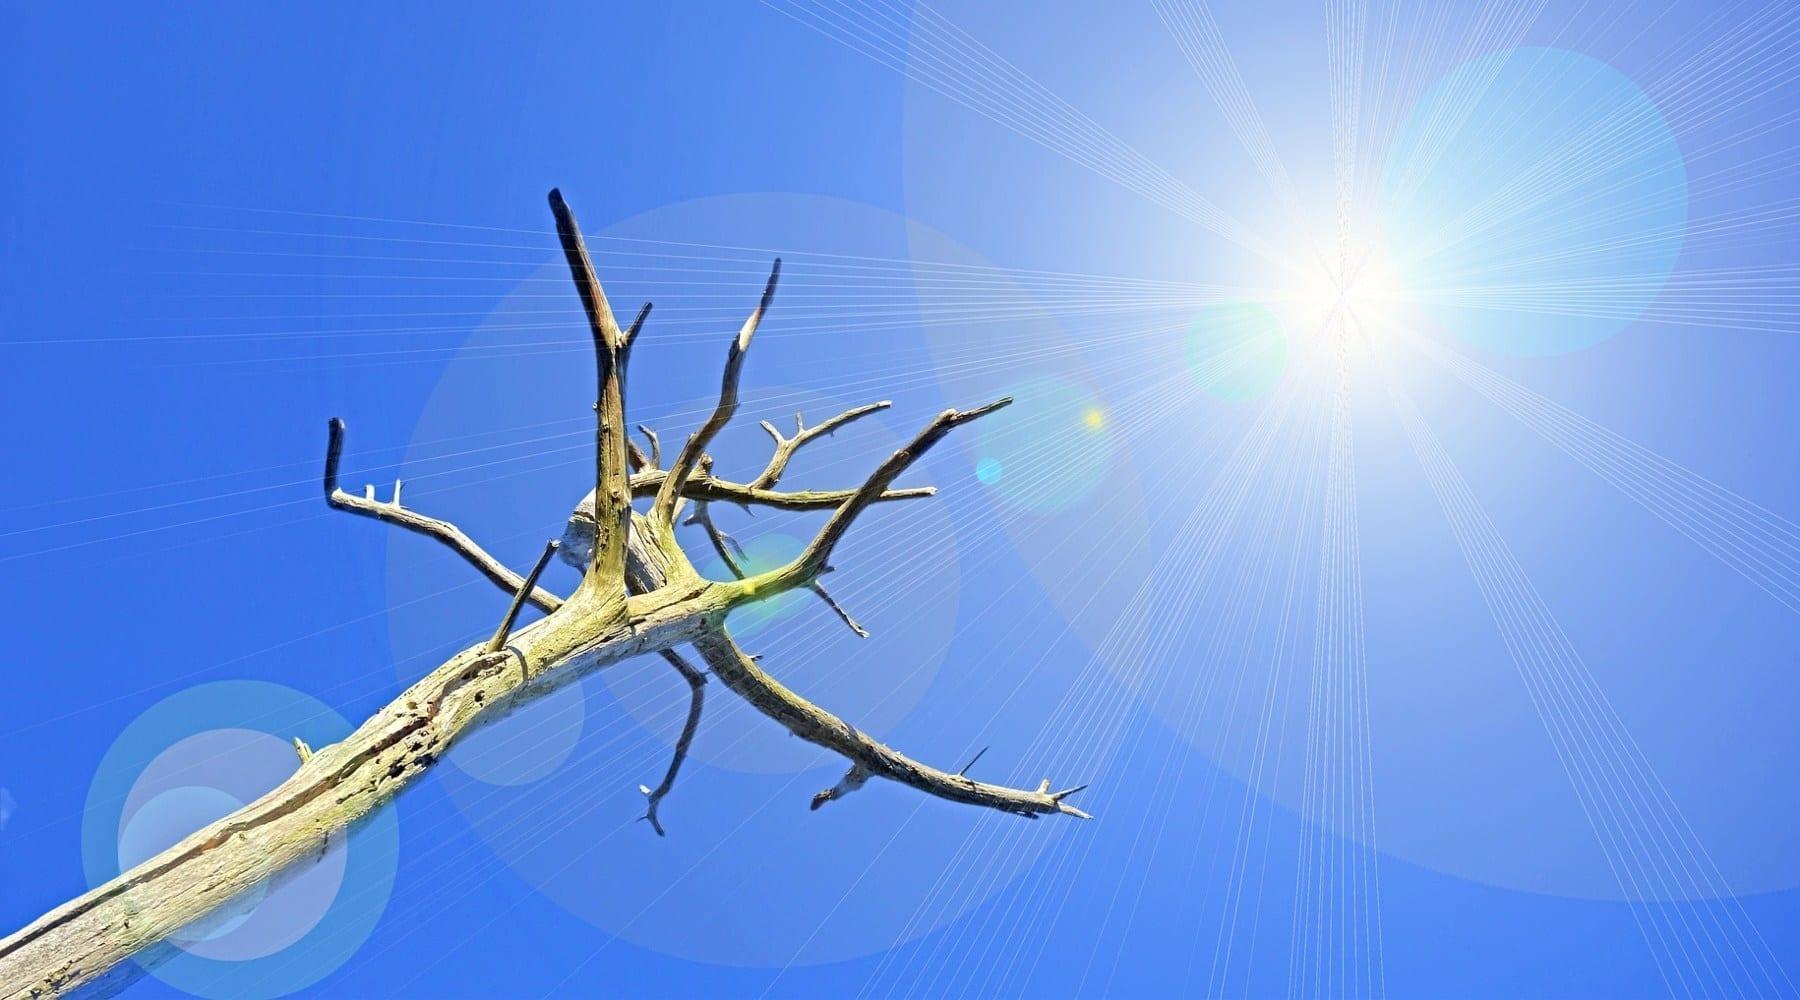 Dead tree in the sunlight